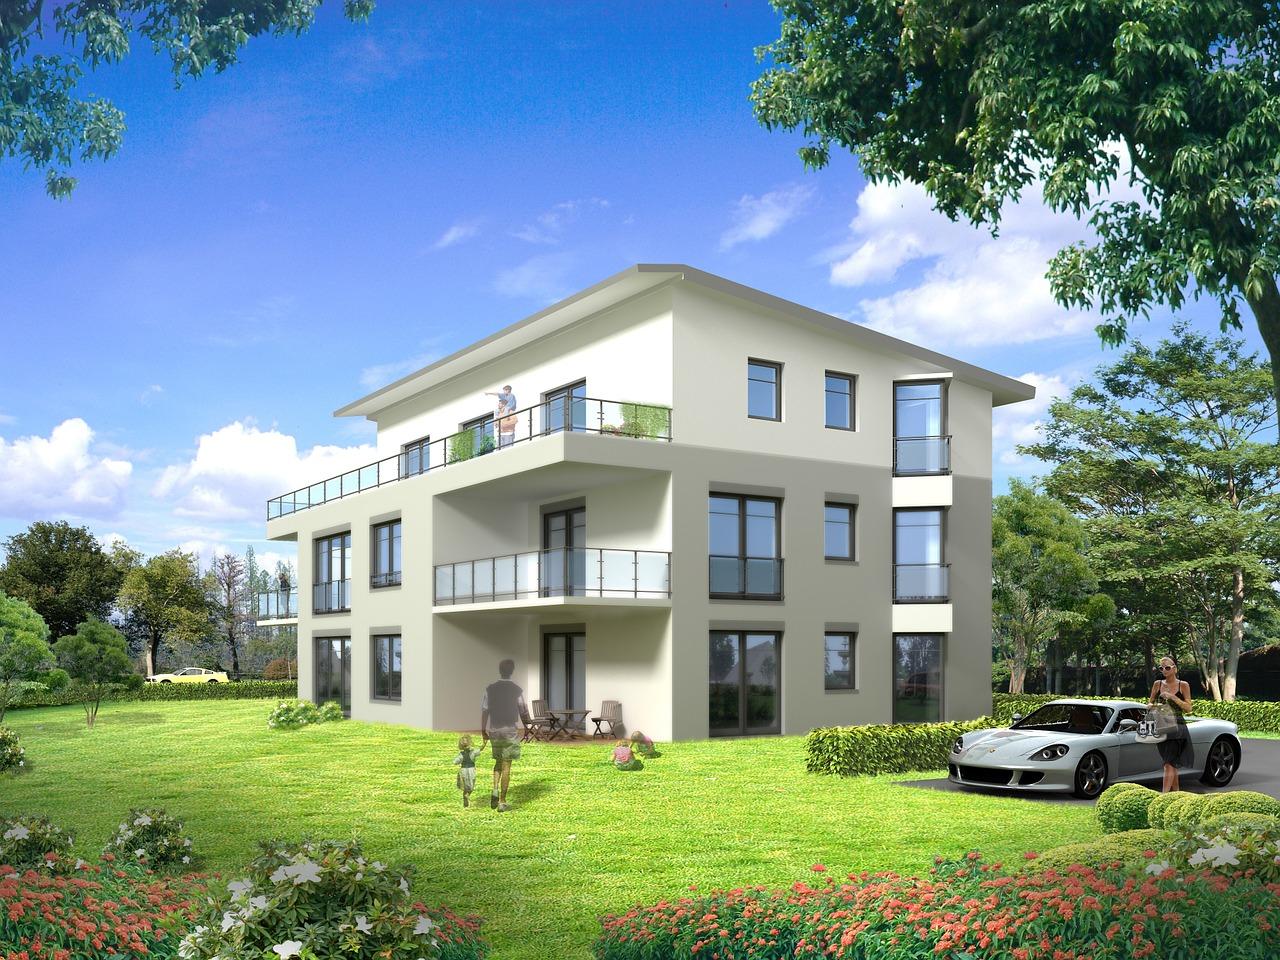 Quels sont les indispensables à prévoir pour construire une maison neuve ?